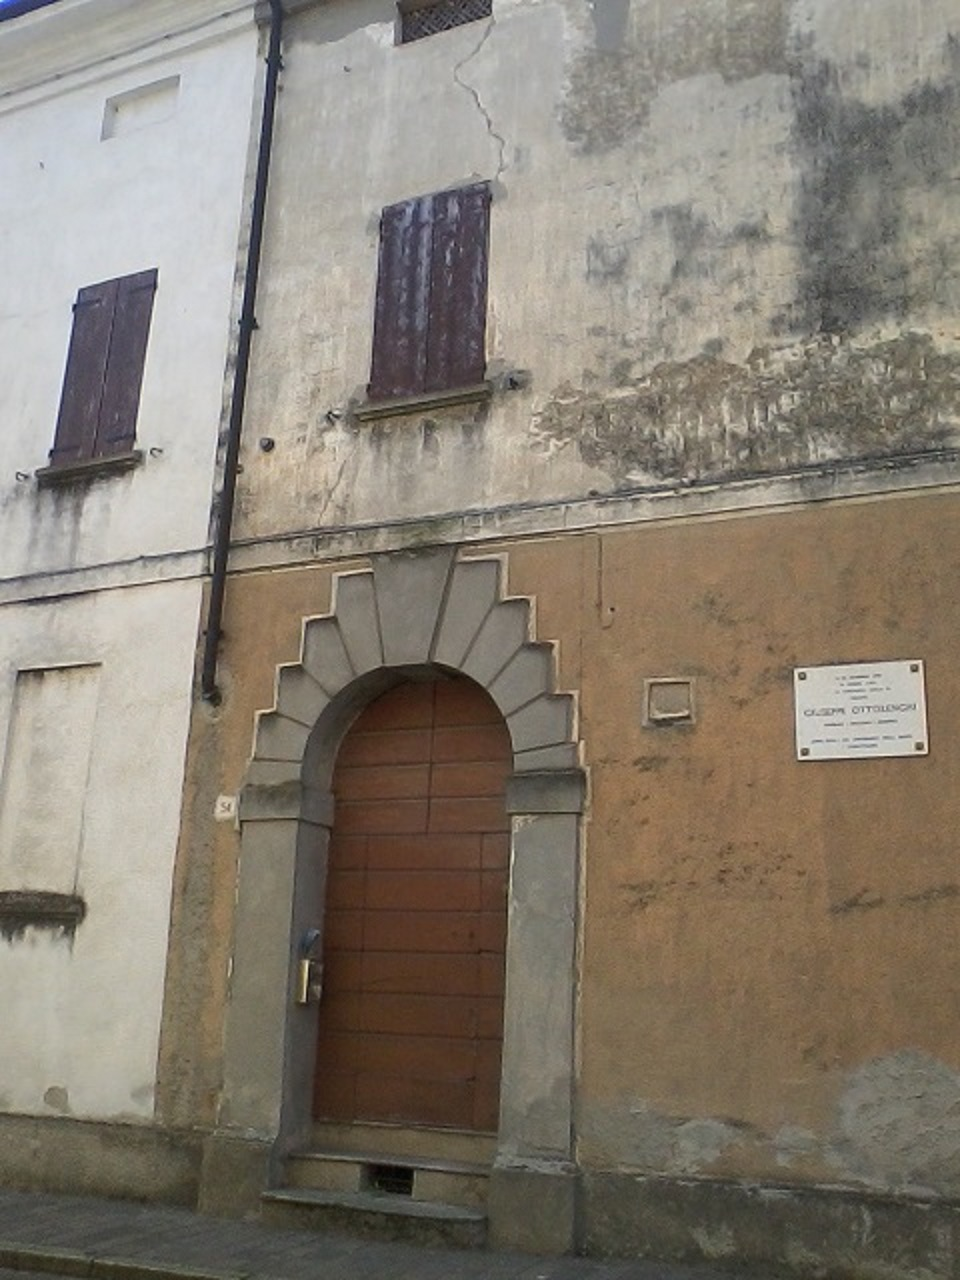 Ristrutturazione edificio - Sabbioneta (MN)